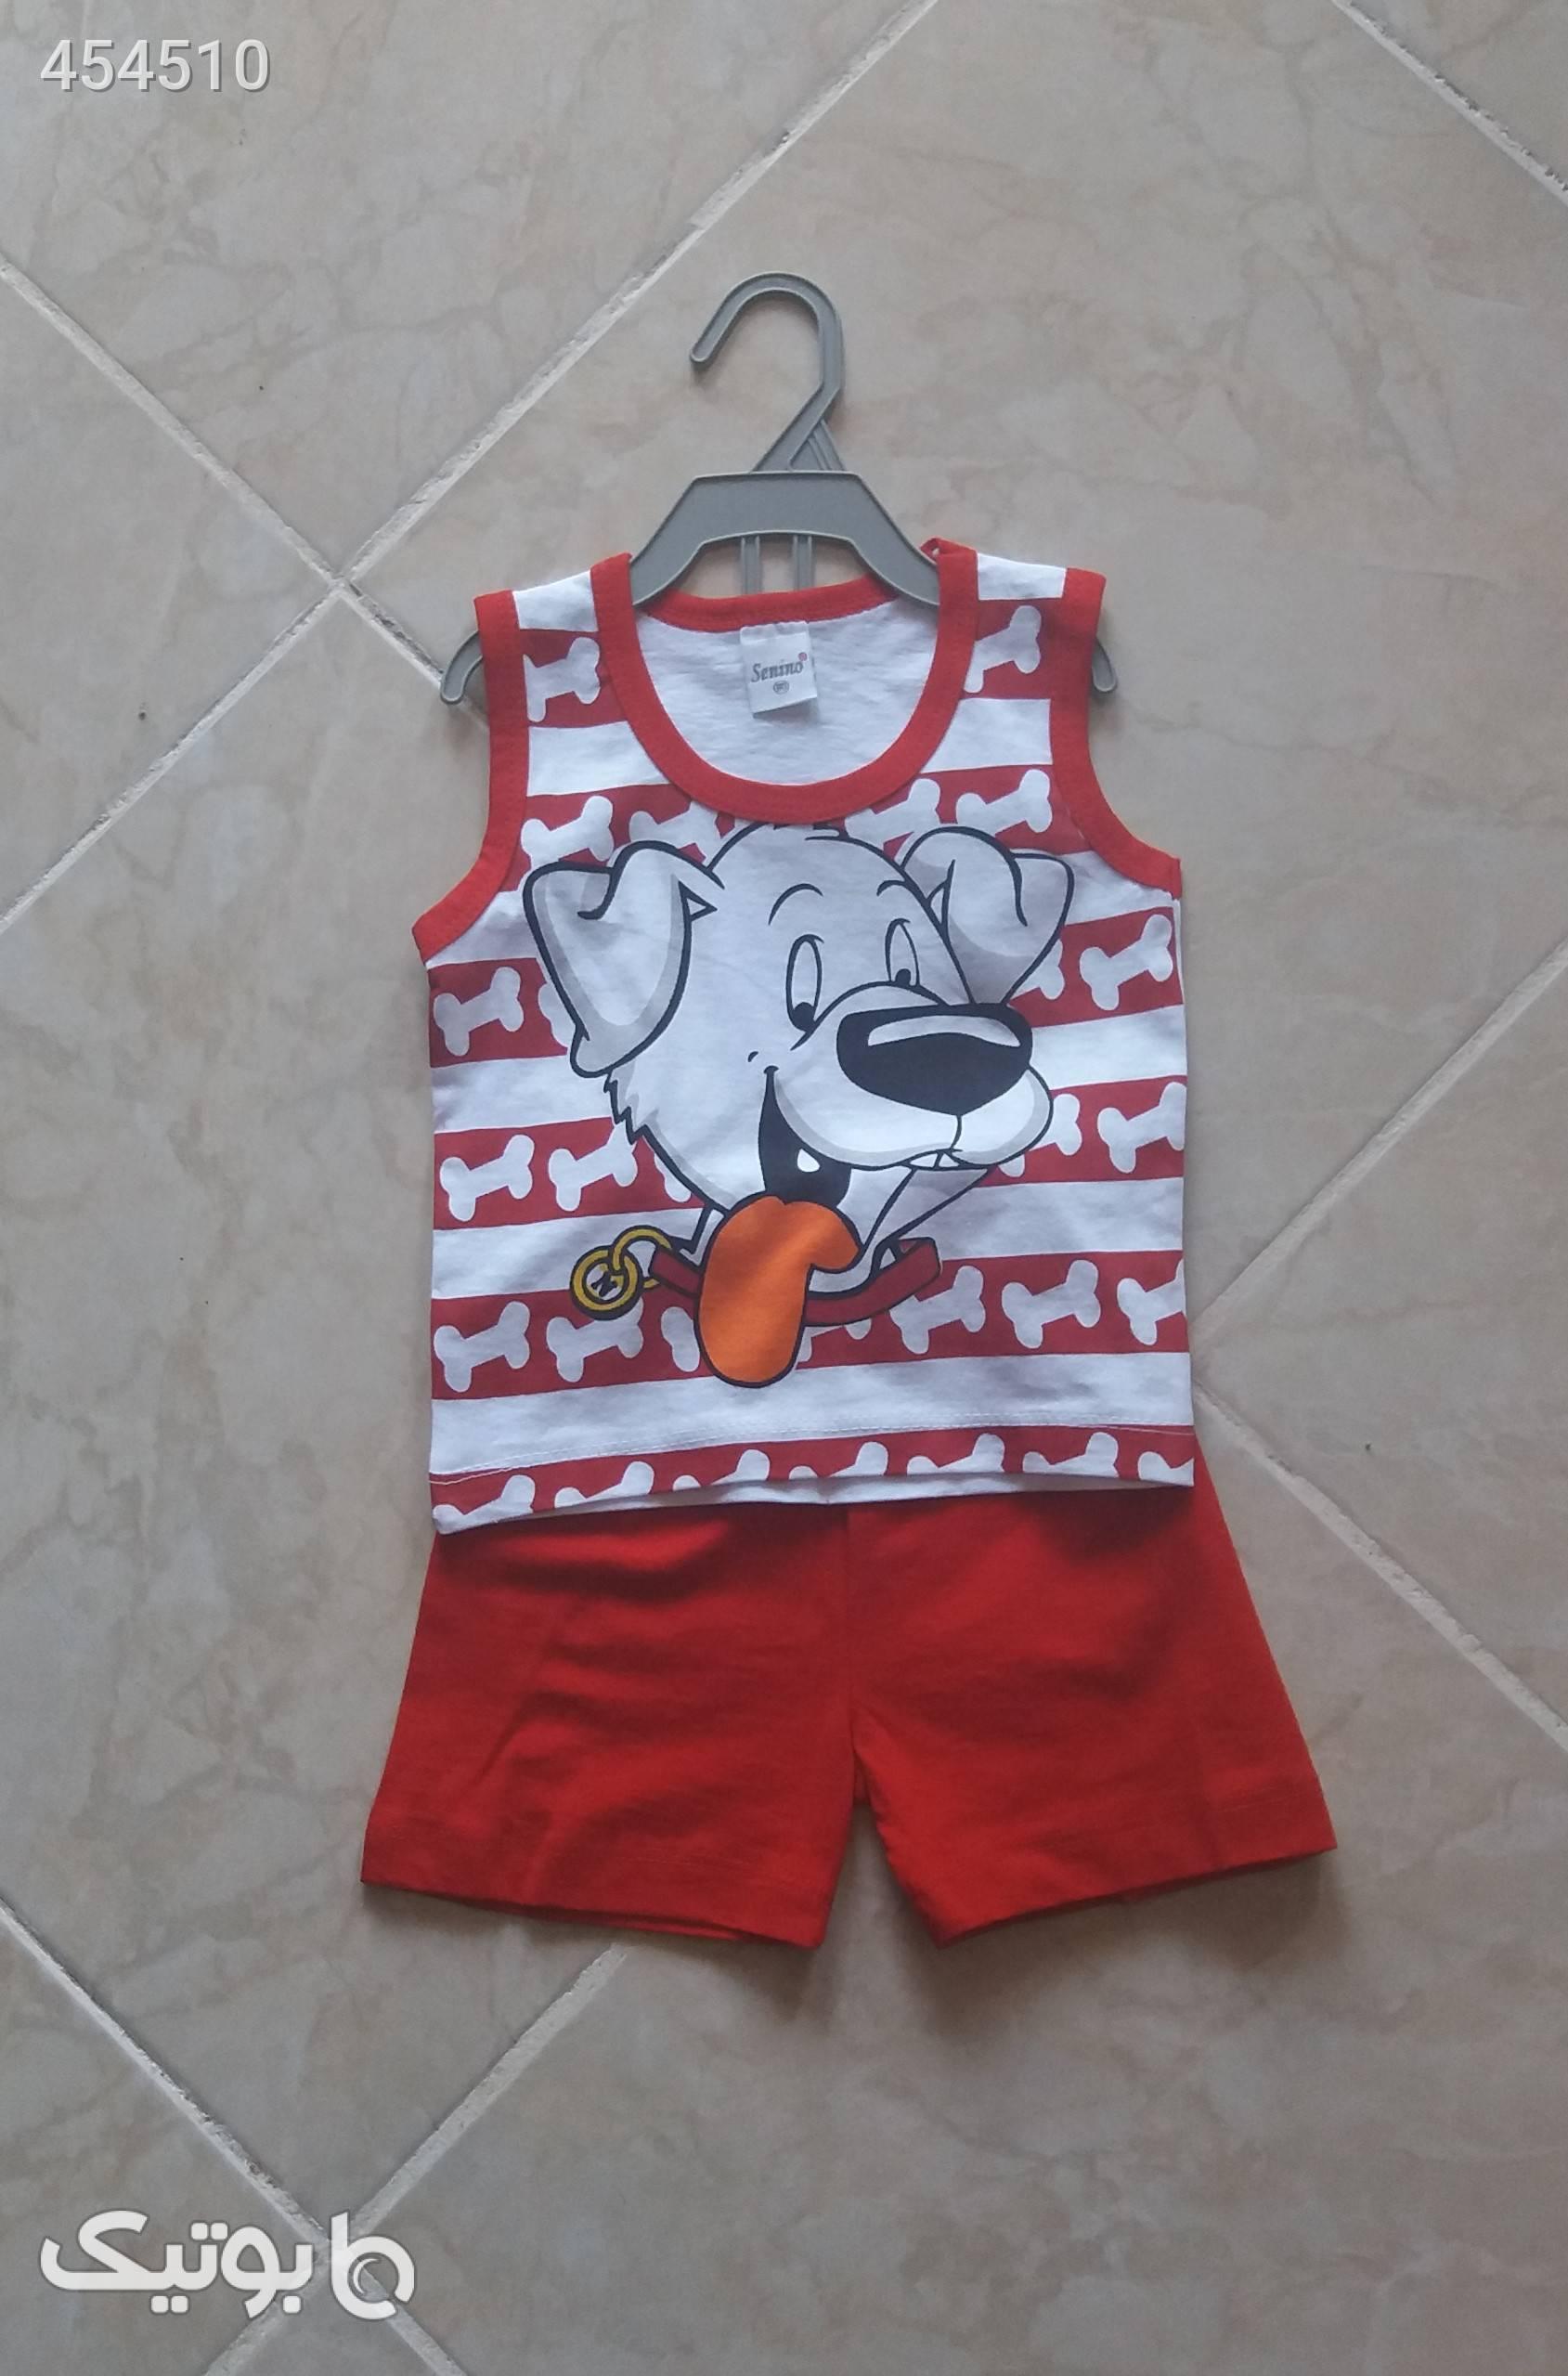 بلوز شورت پسرانه کار ترک قرمز لباس کودک پسرانه